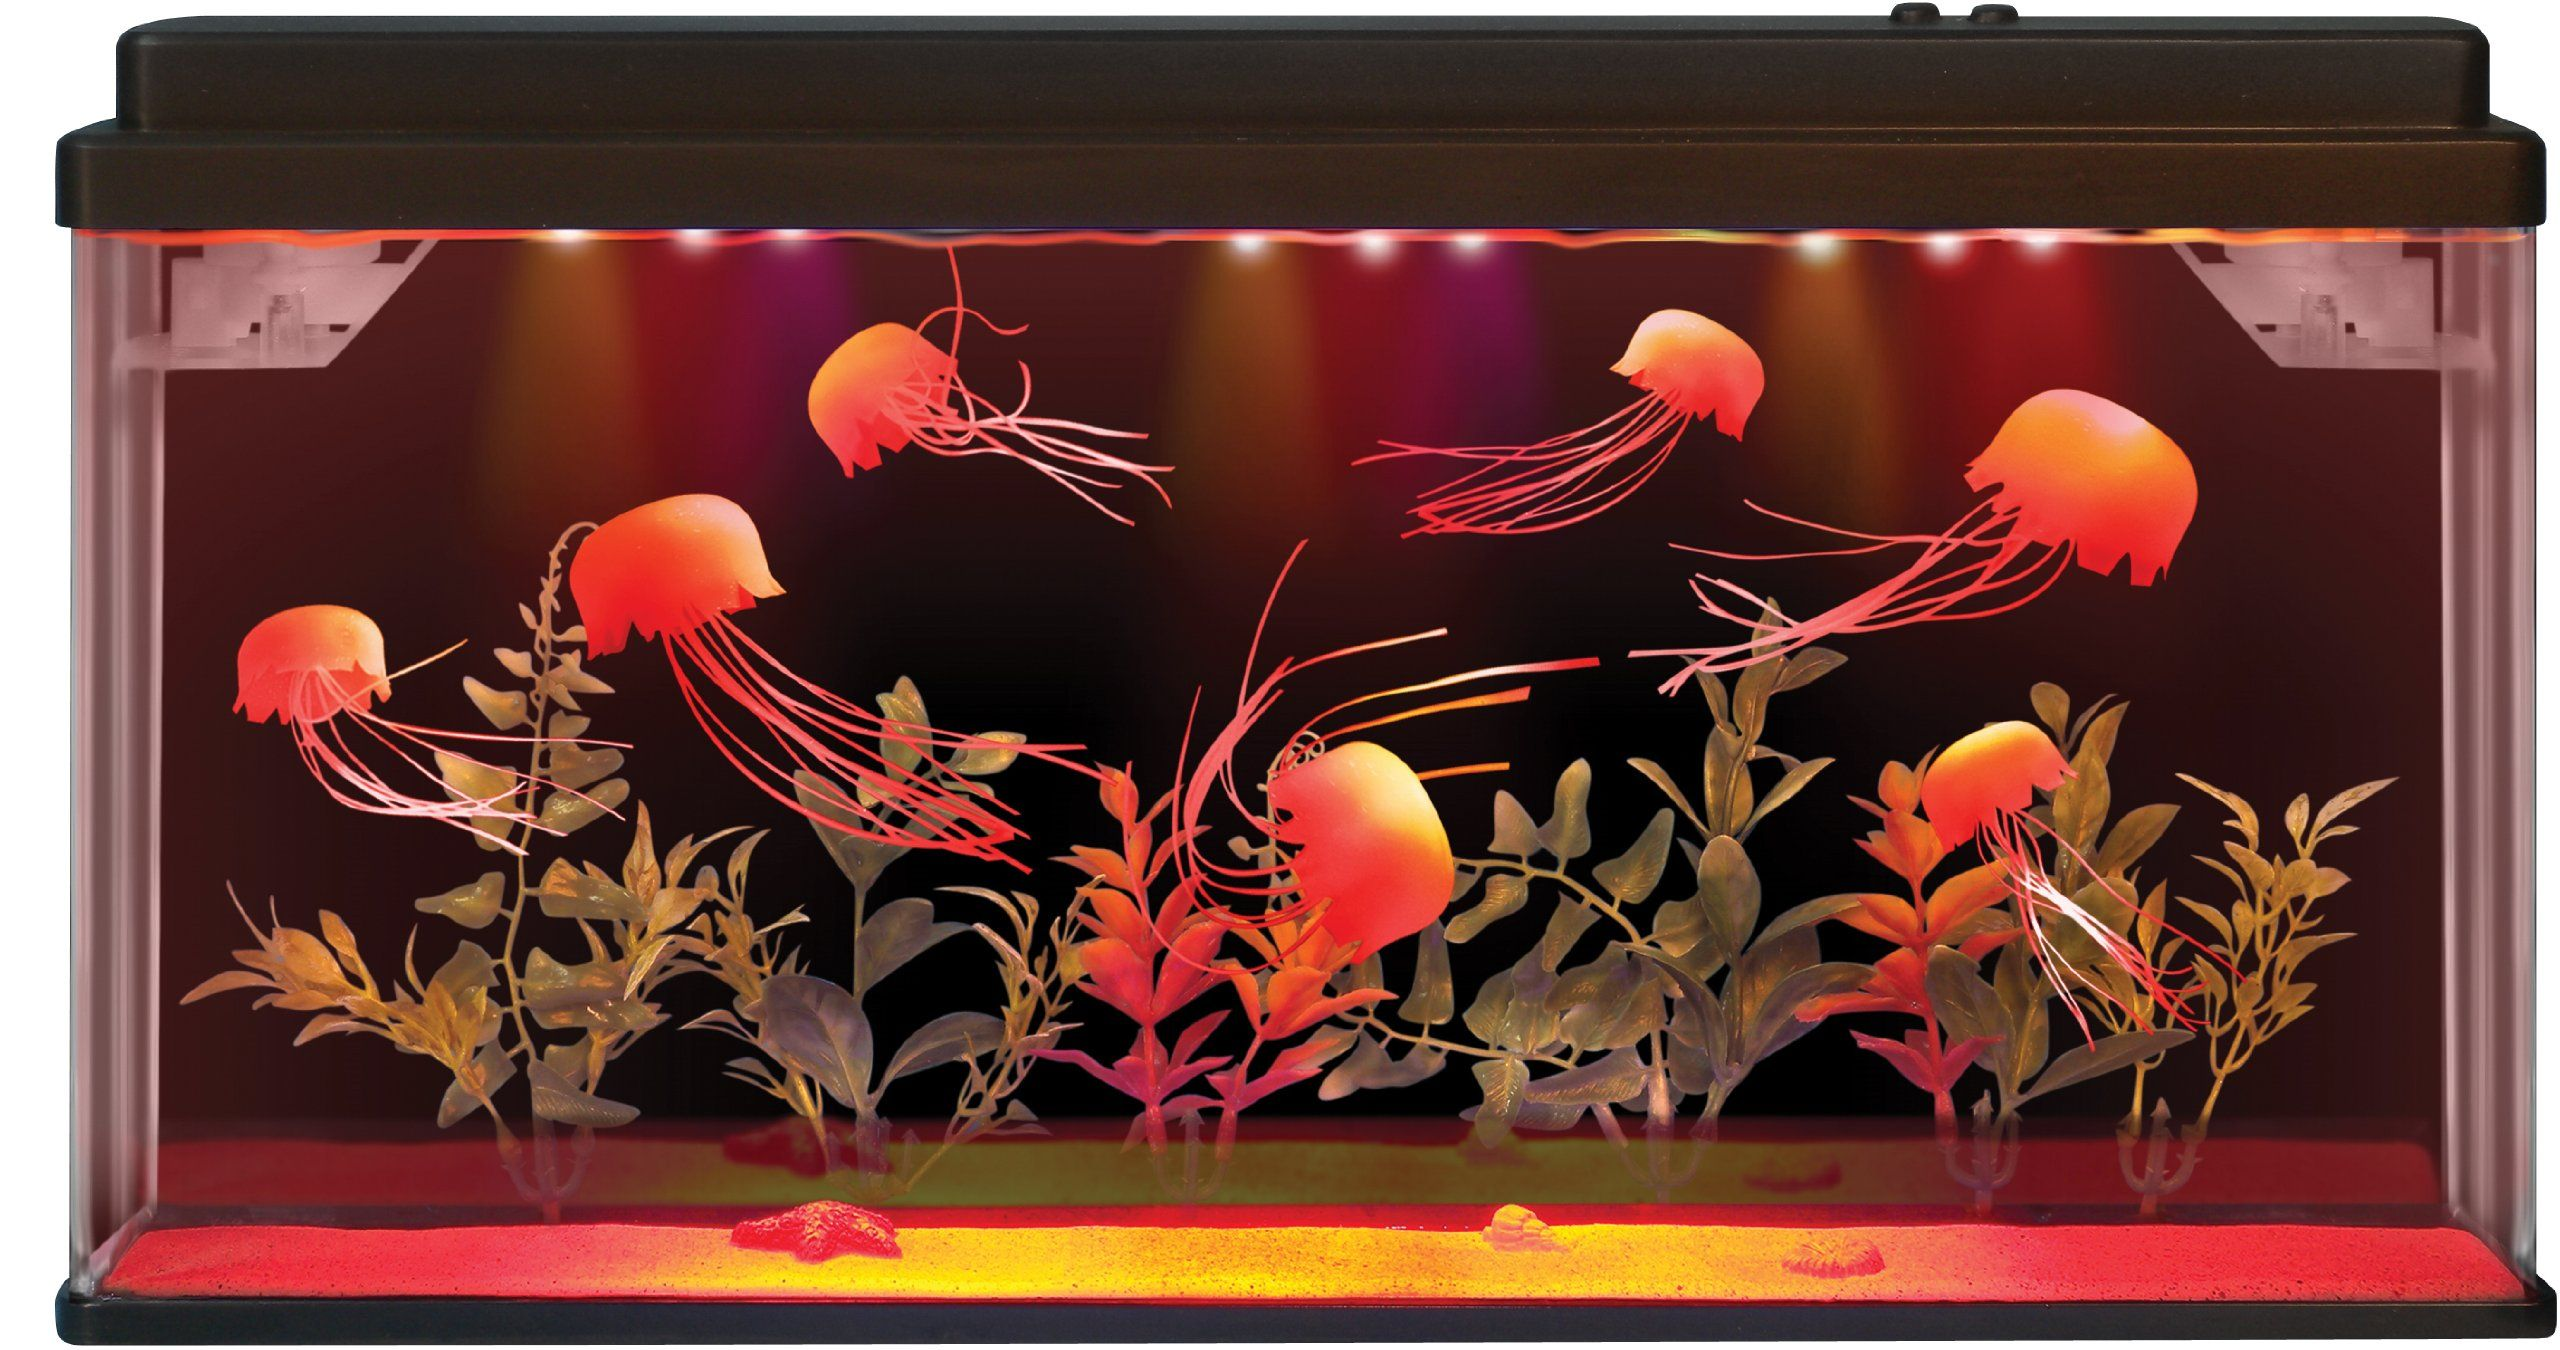 Fascinations Deluxe Jellyfish Aquarium | Lighting Design | Pinterest ...